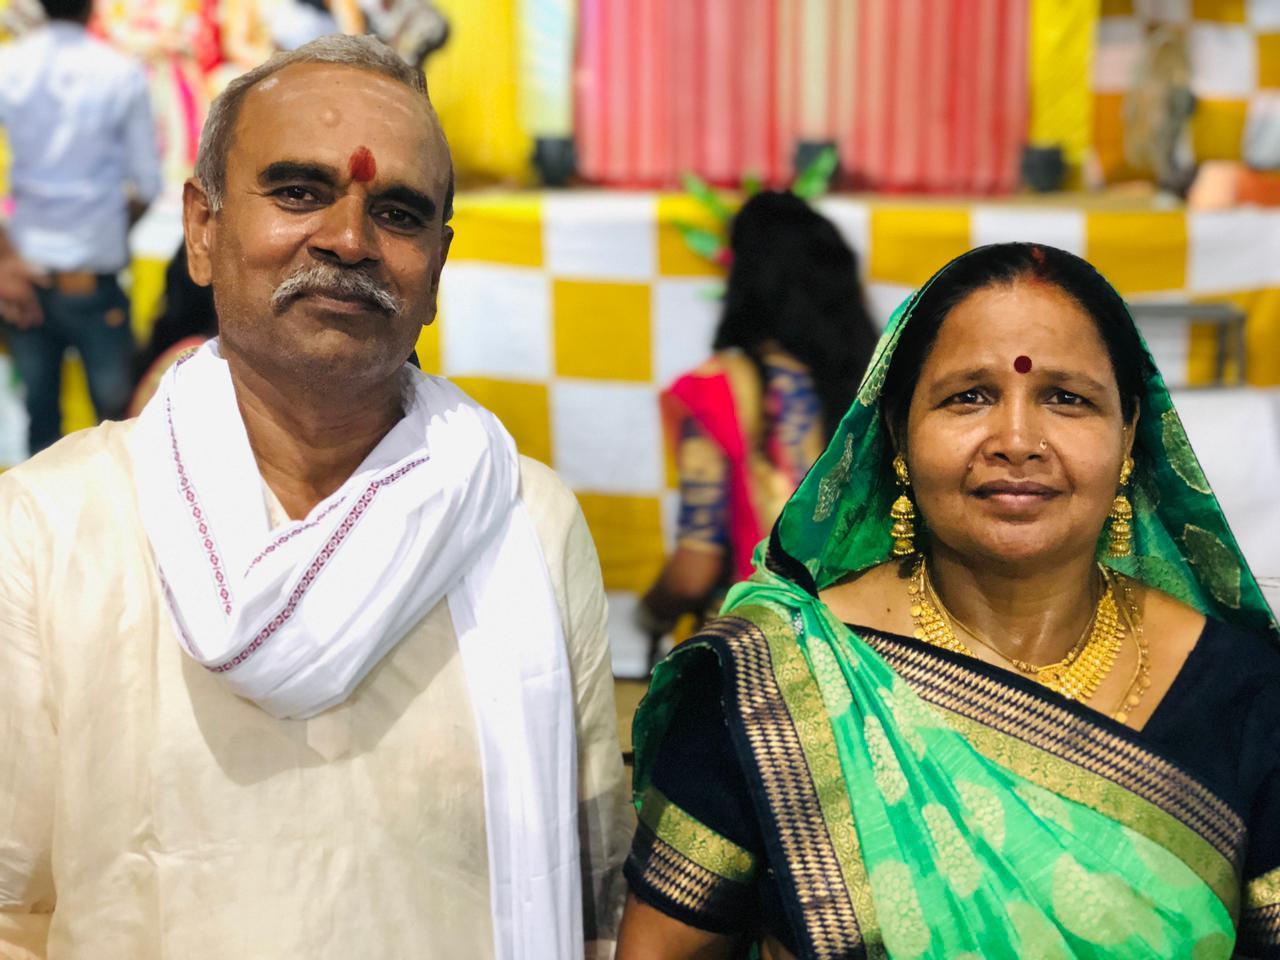 वाराणसी के भगतपुर गांव में रहने वाले ललित के मां-बाप।